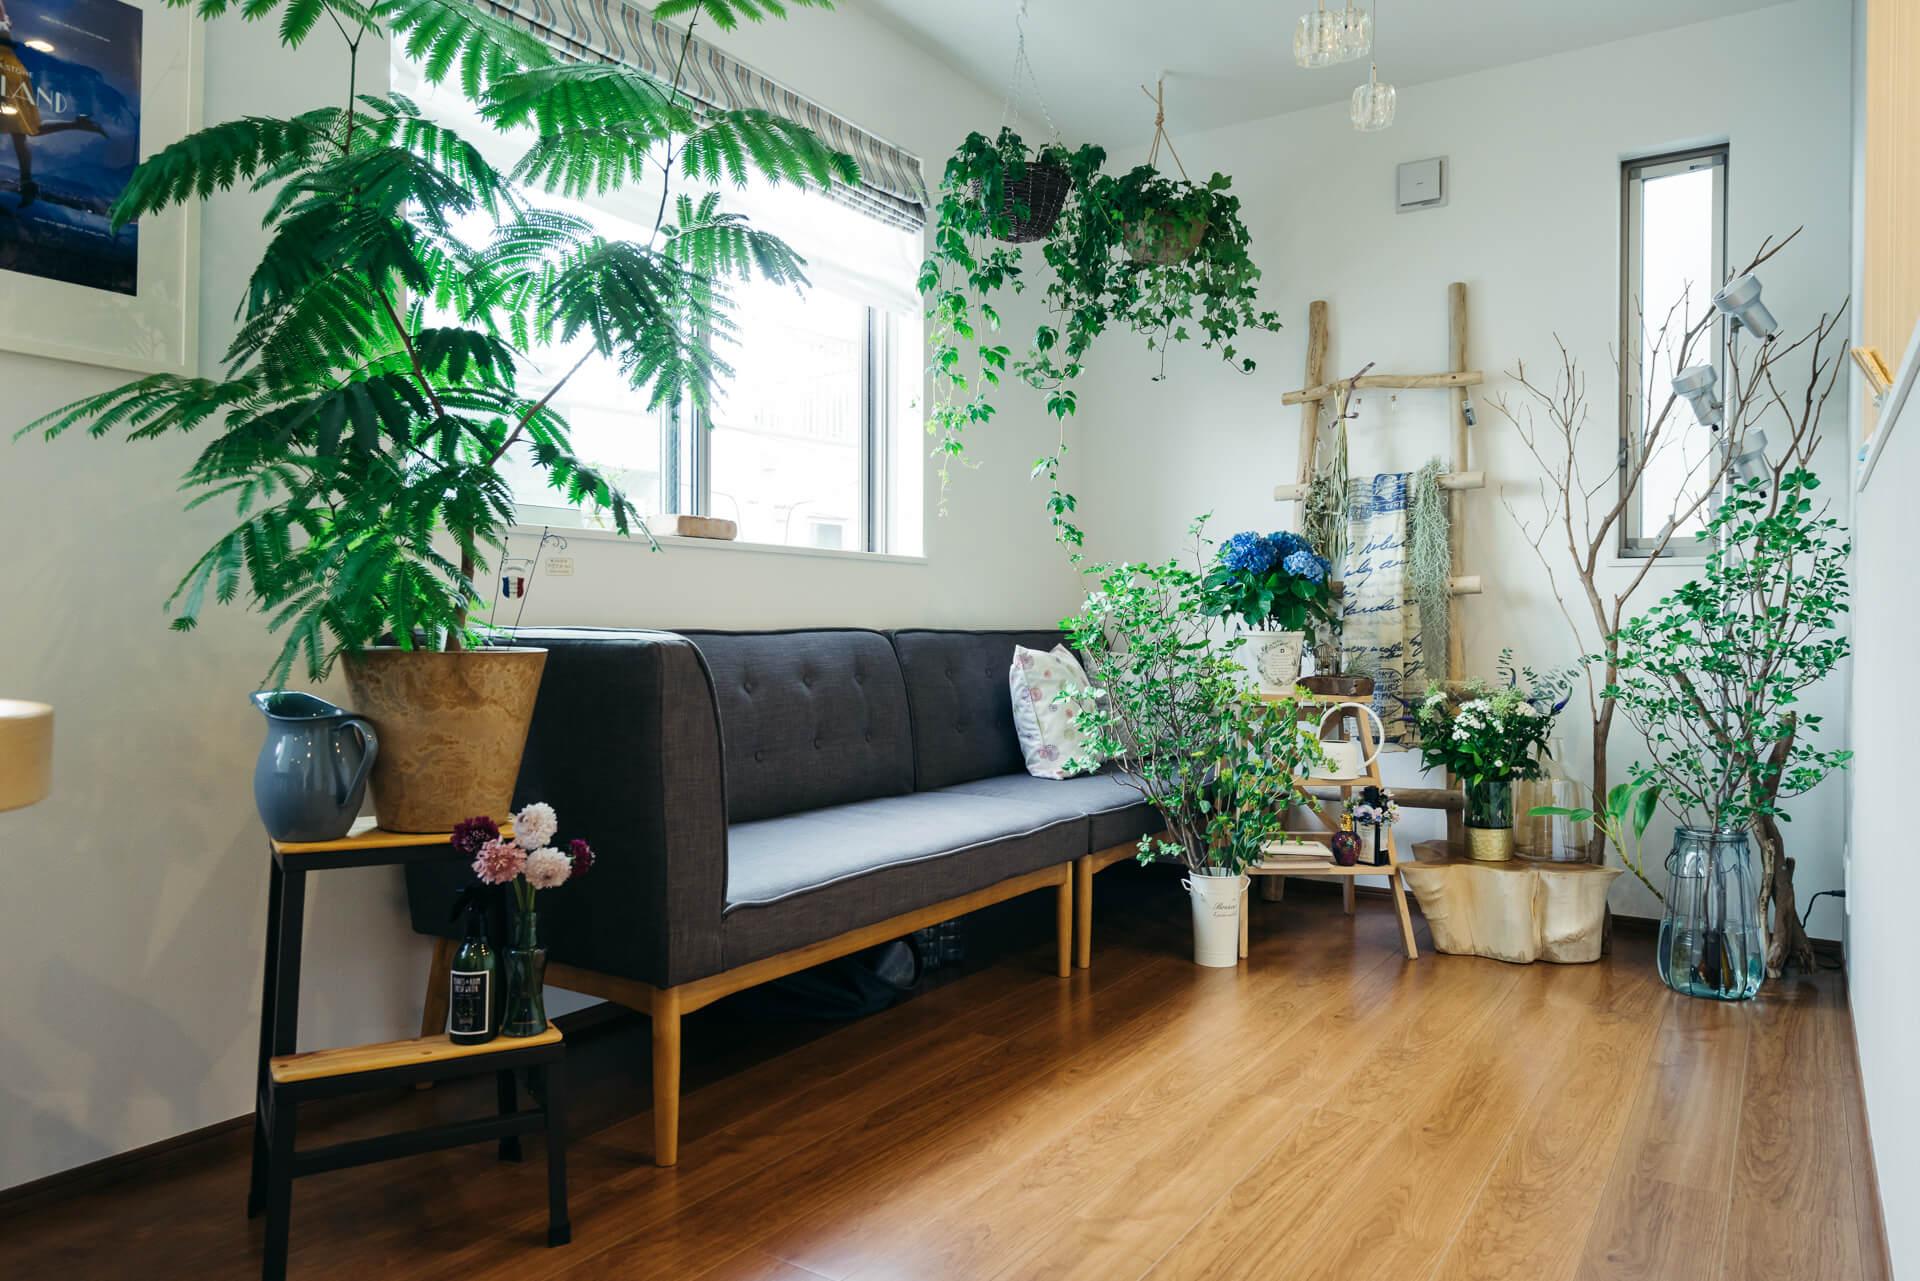 たくさんのグリーンに囲まれたソファ。ソファ横のエバーフレッシュは何度も植え替えをしてこのサイズまで大きくなりました。